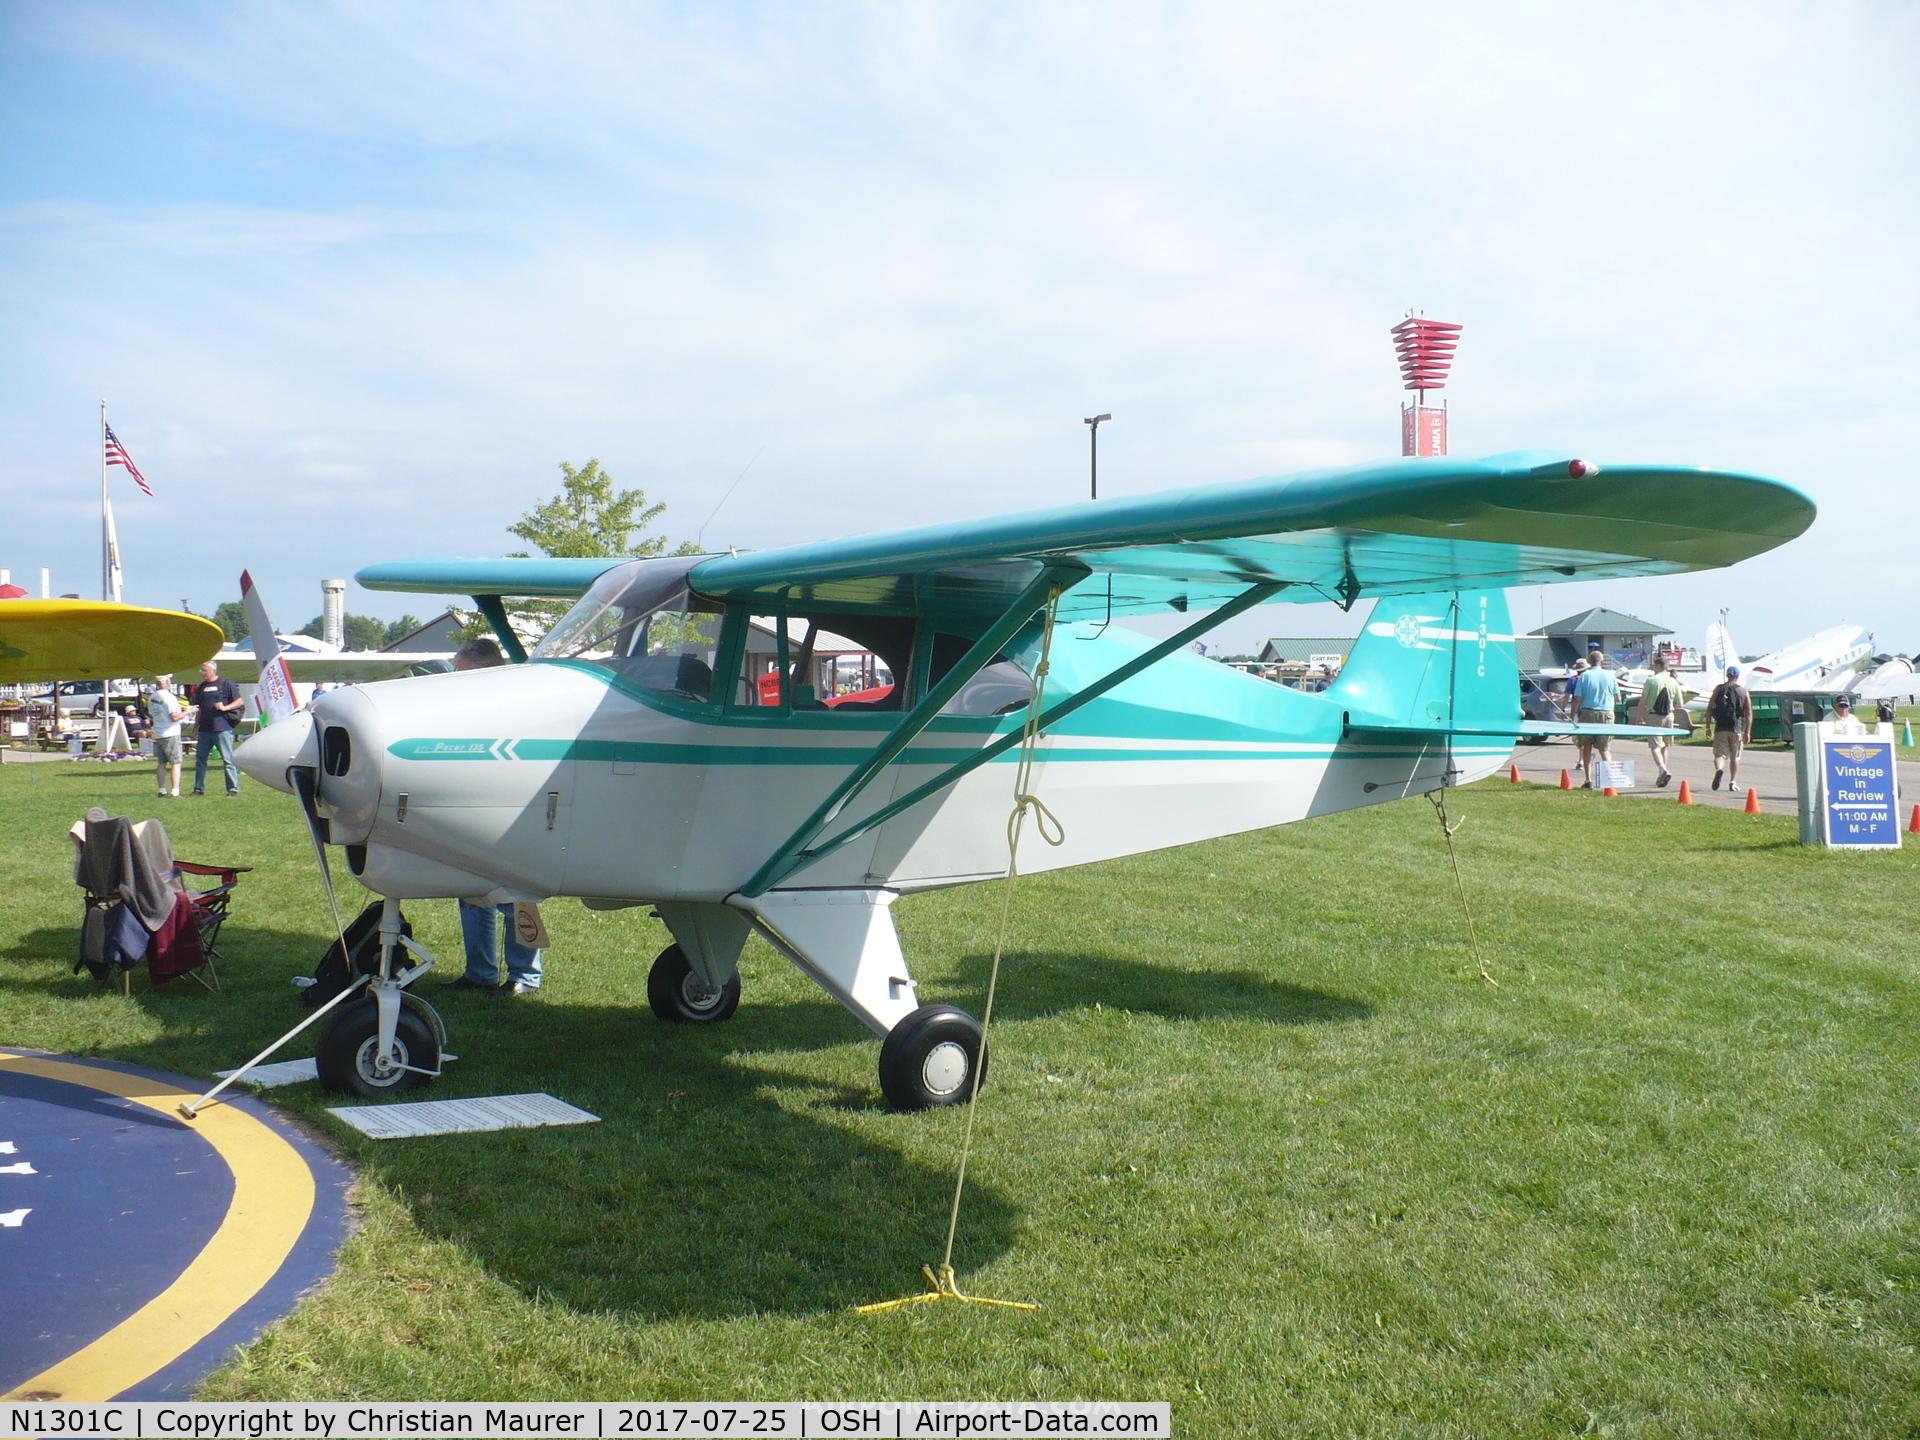 Aircraft N1301C (1953 Piper PA-22-135 Tri-Pacer C/N 22-1095